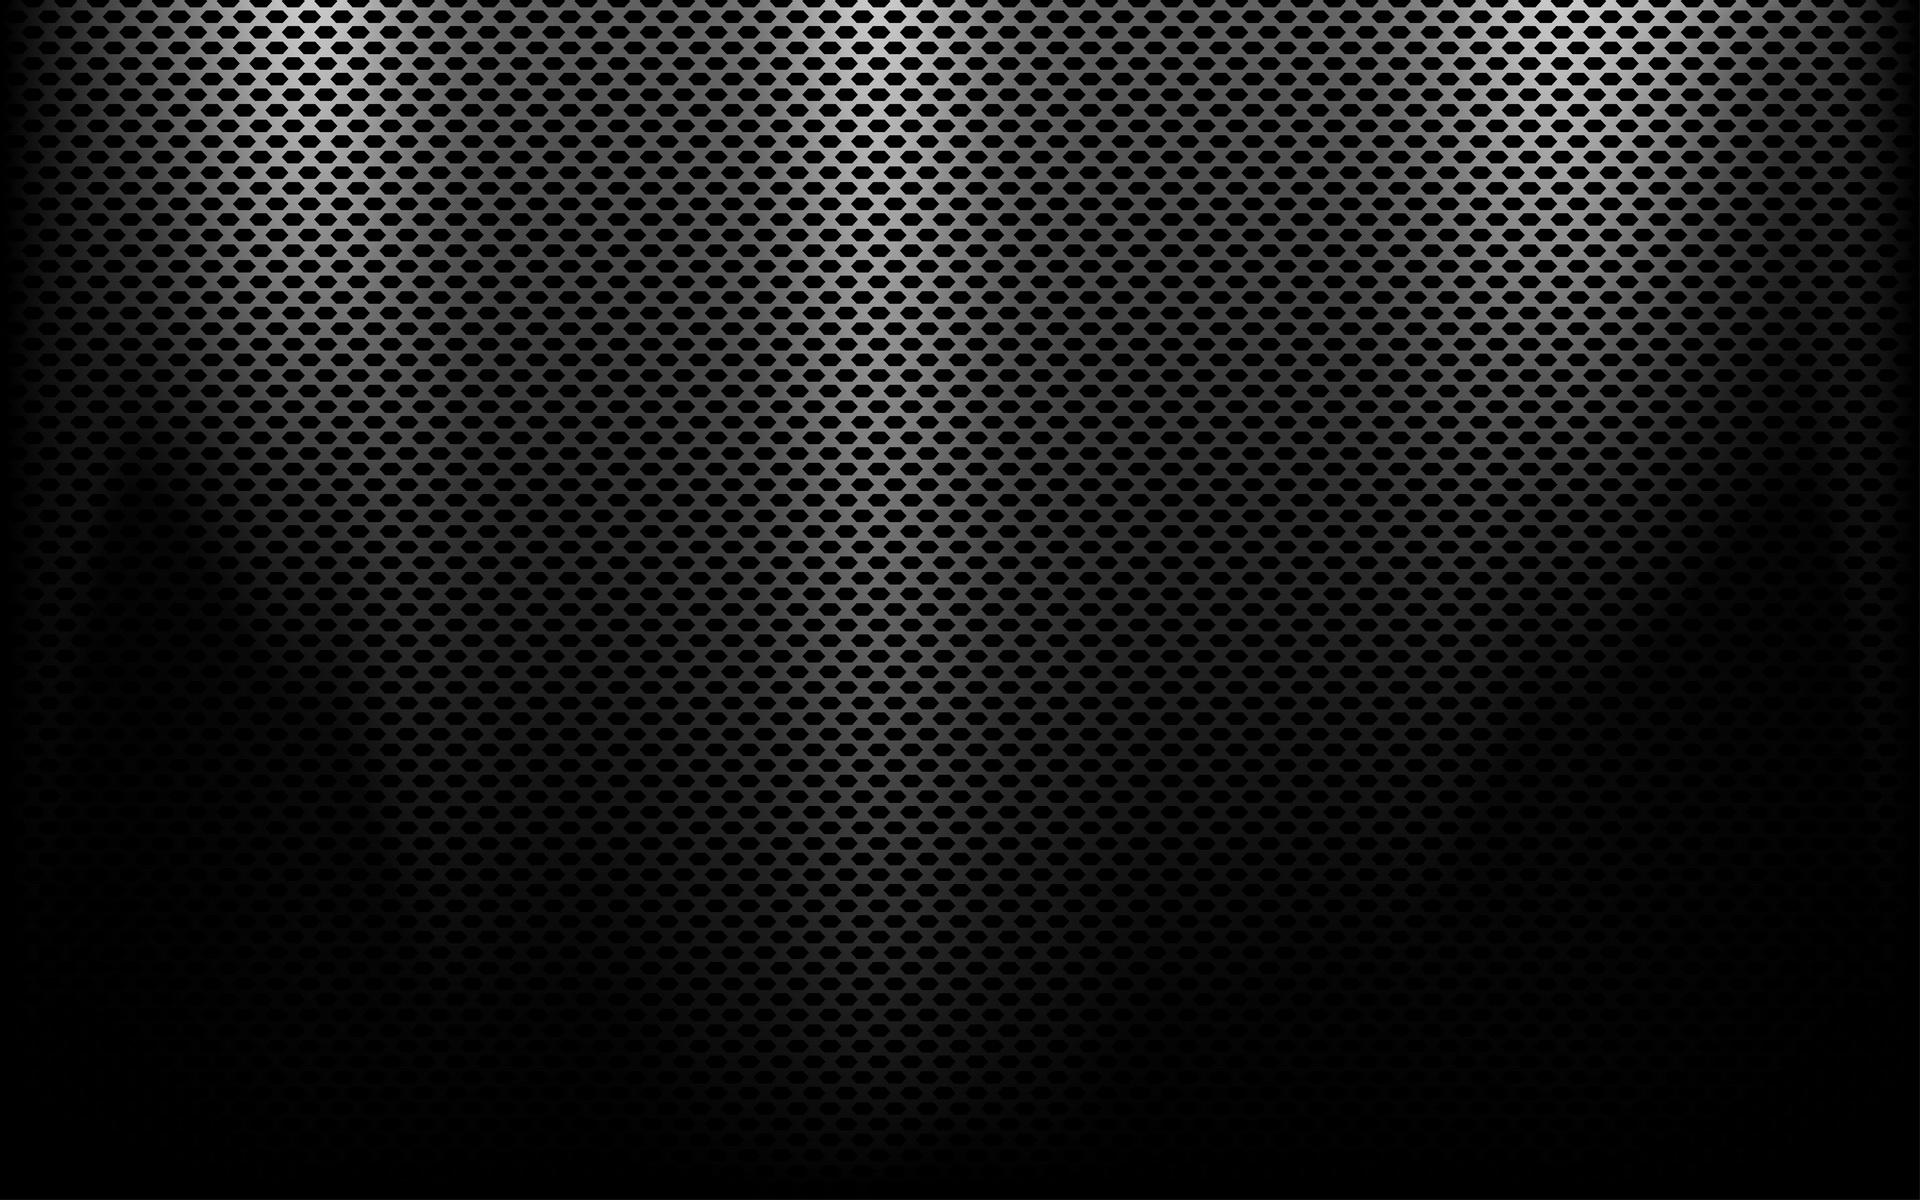 desktop metal wallpapers - photo #10